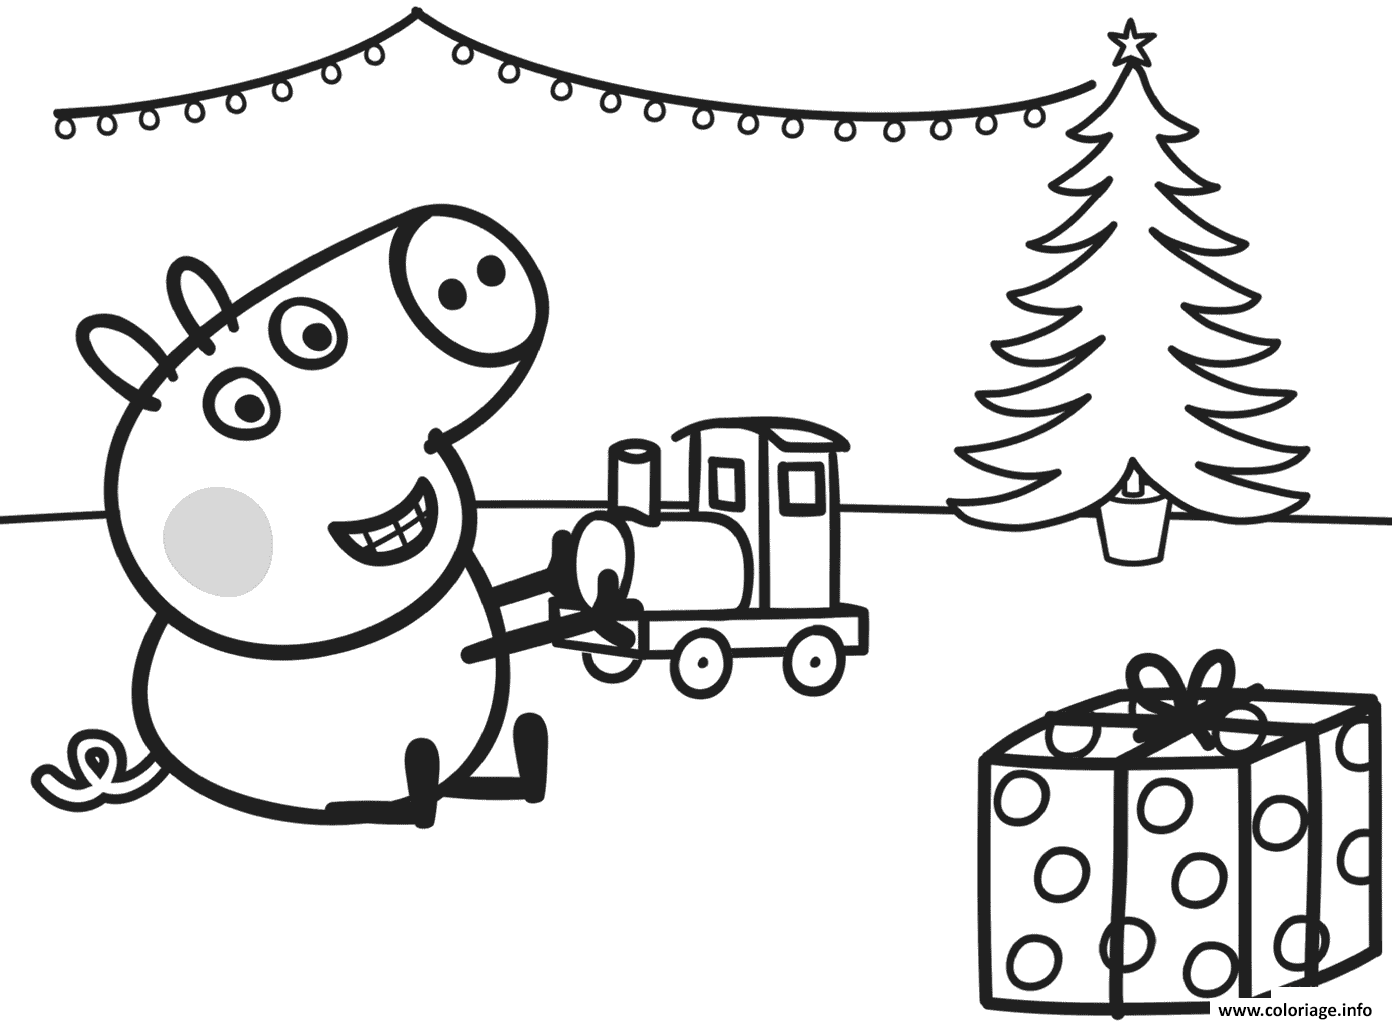 Dessin george joue avec son cadeau de noel un train Coloriage Gratuit à Imprimer